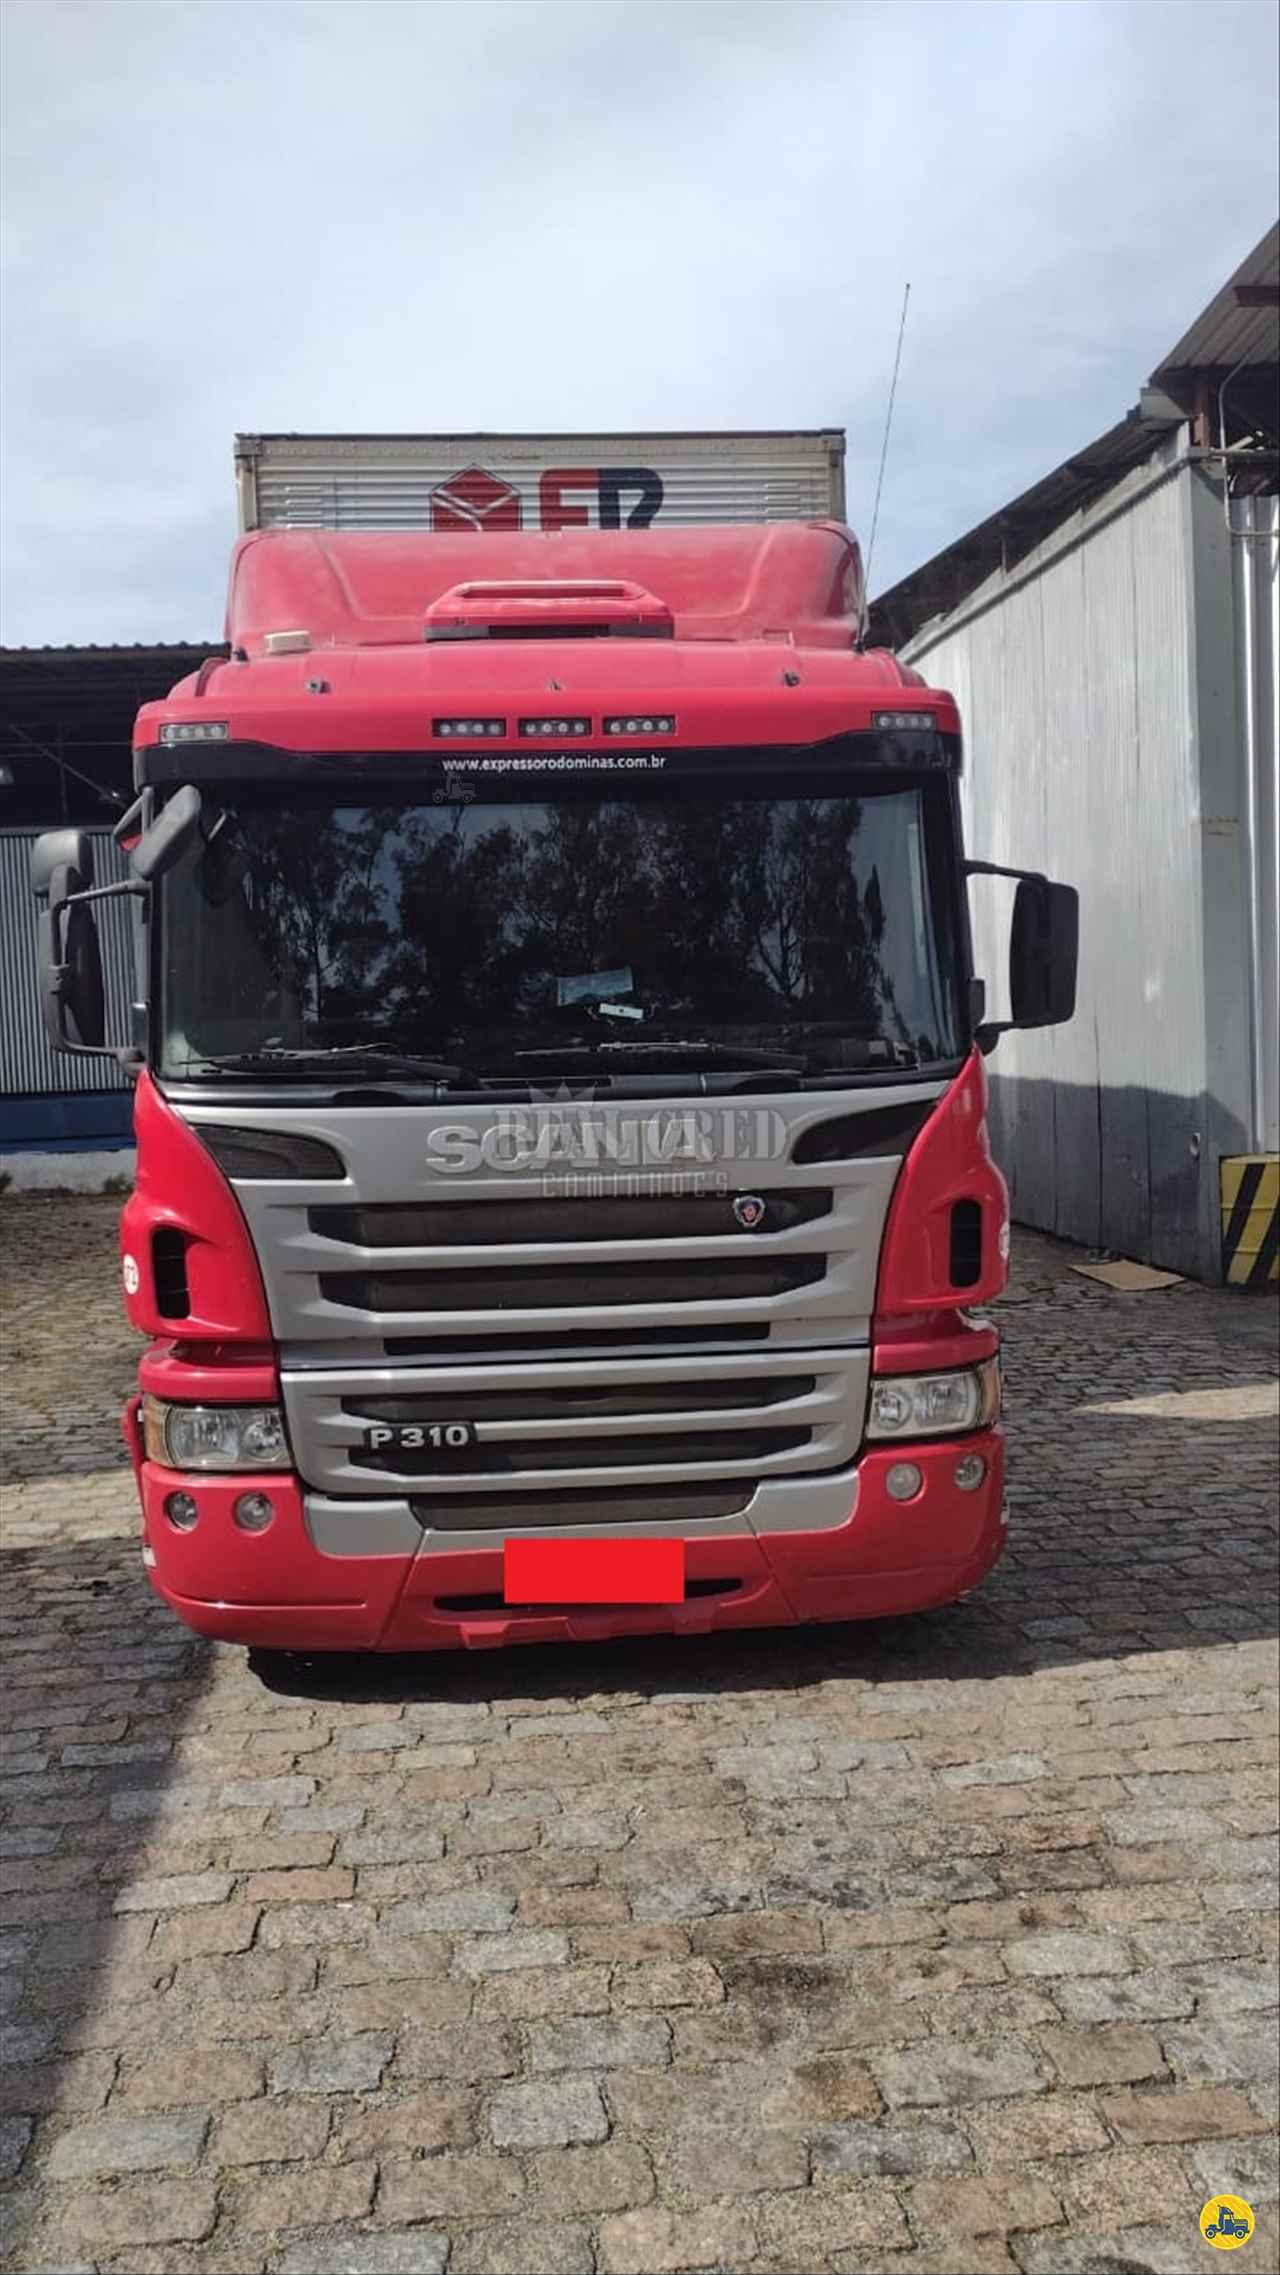 CAMINHAO SCANIA SCANIA 310 Cavalo Mecânico Toco 4x2 Real Cred Caminhões PIEDADE SÃO PAULO SP